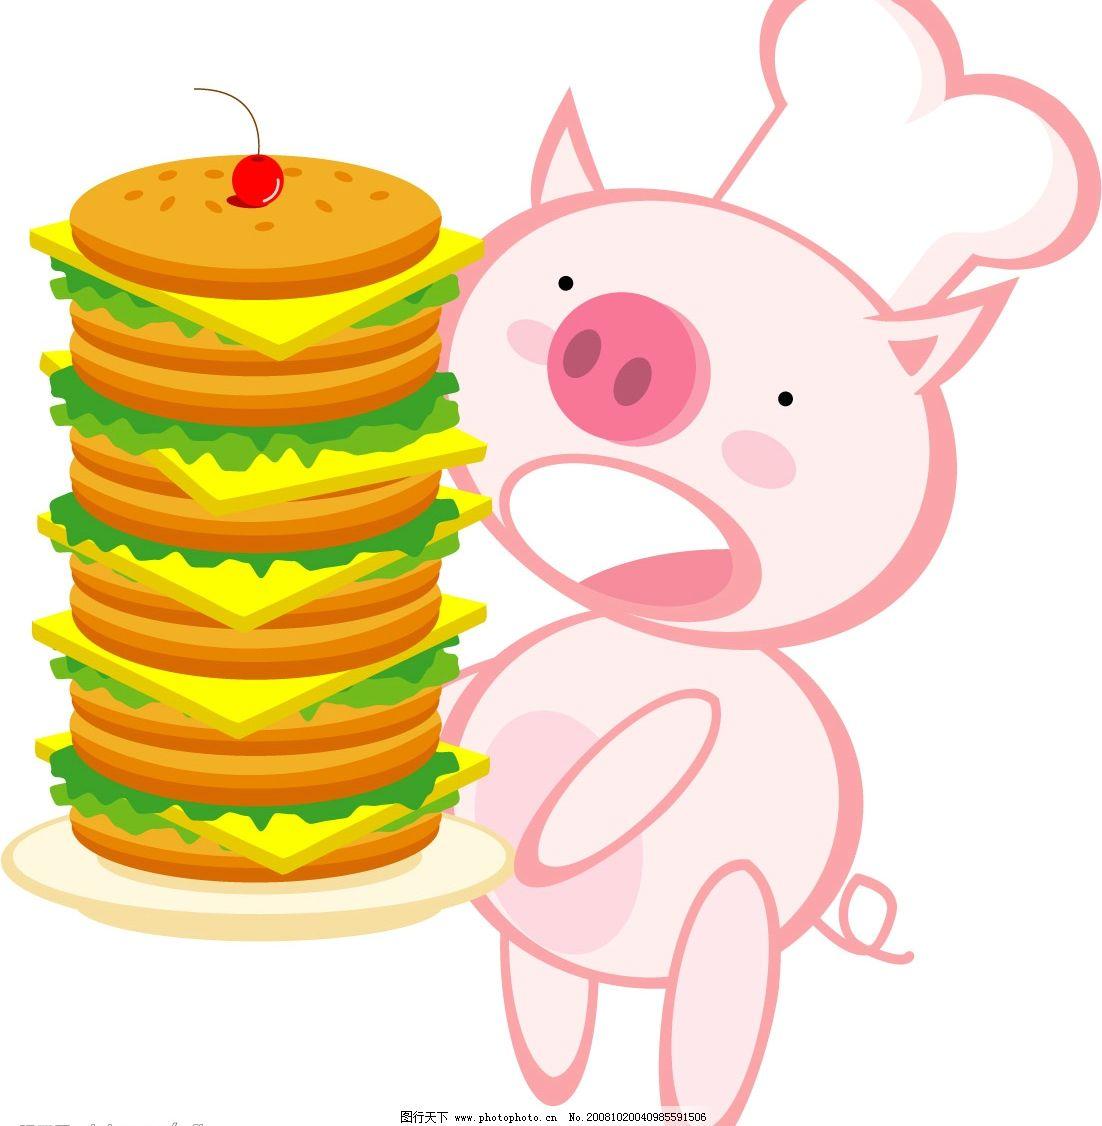 超可爱活泼健康卡通小猪系列图片,小猴子 标签 表情